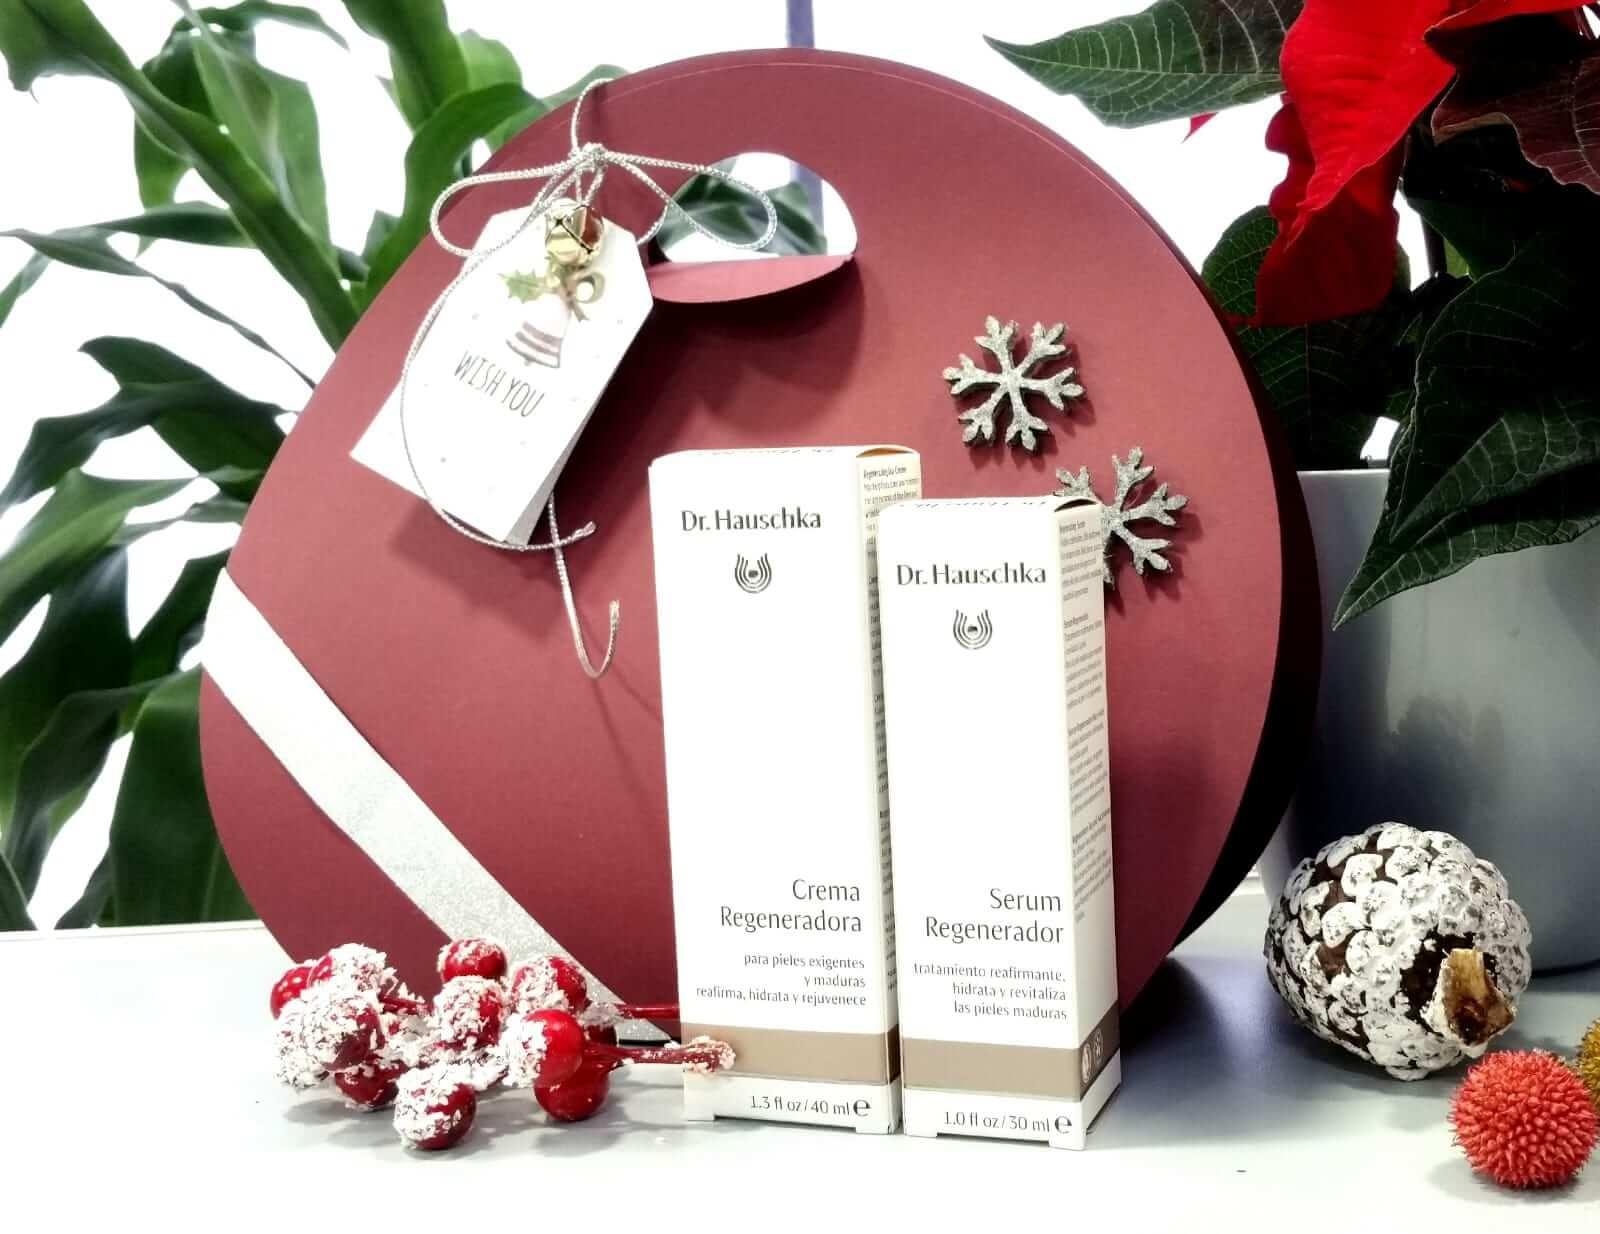 cestas regalo Navidad cosmética natural